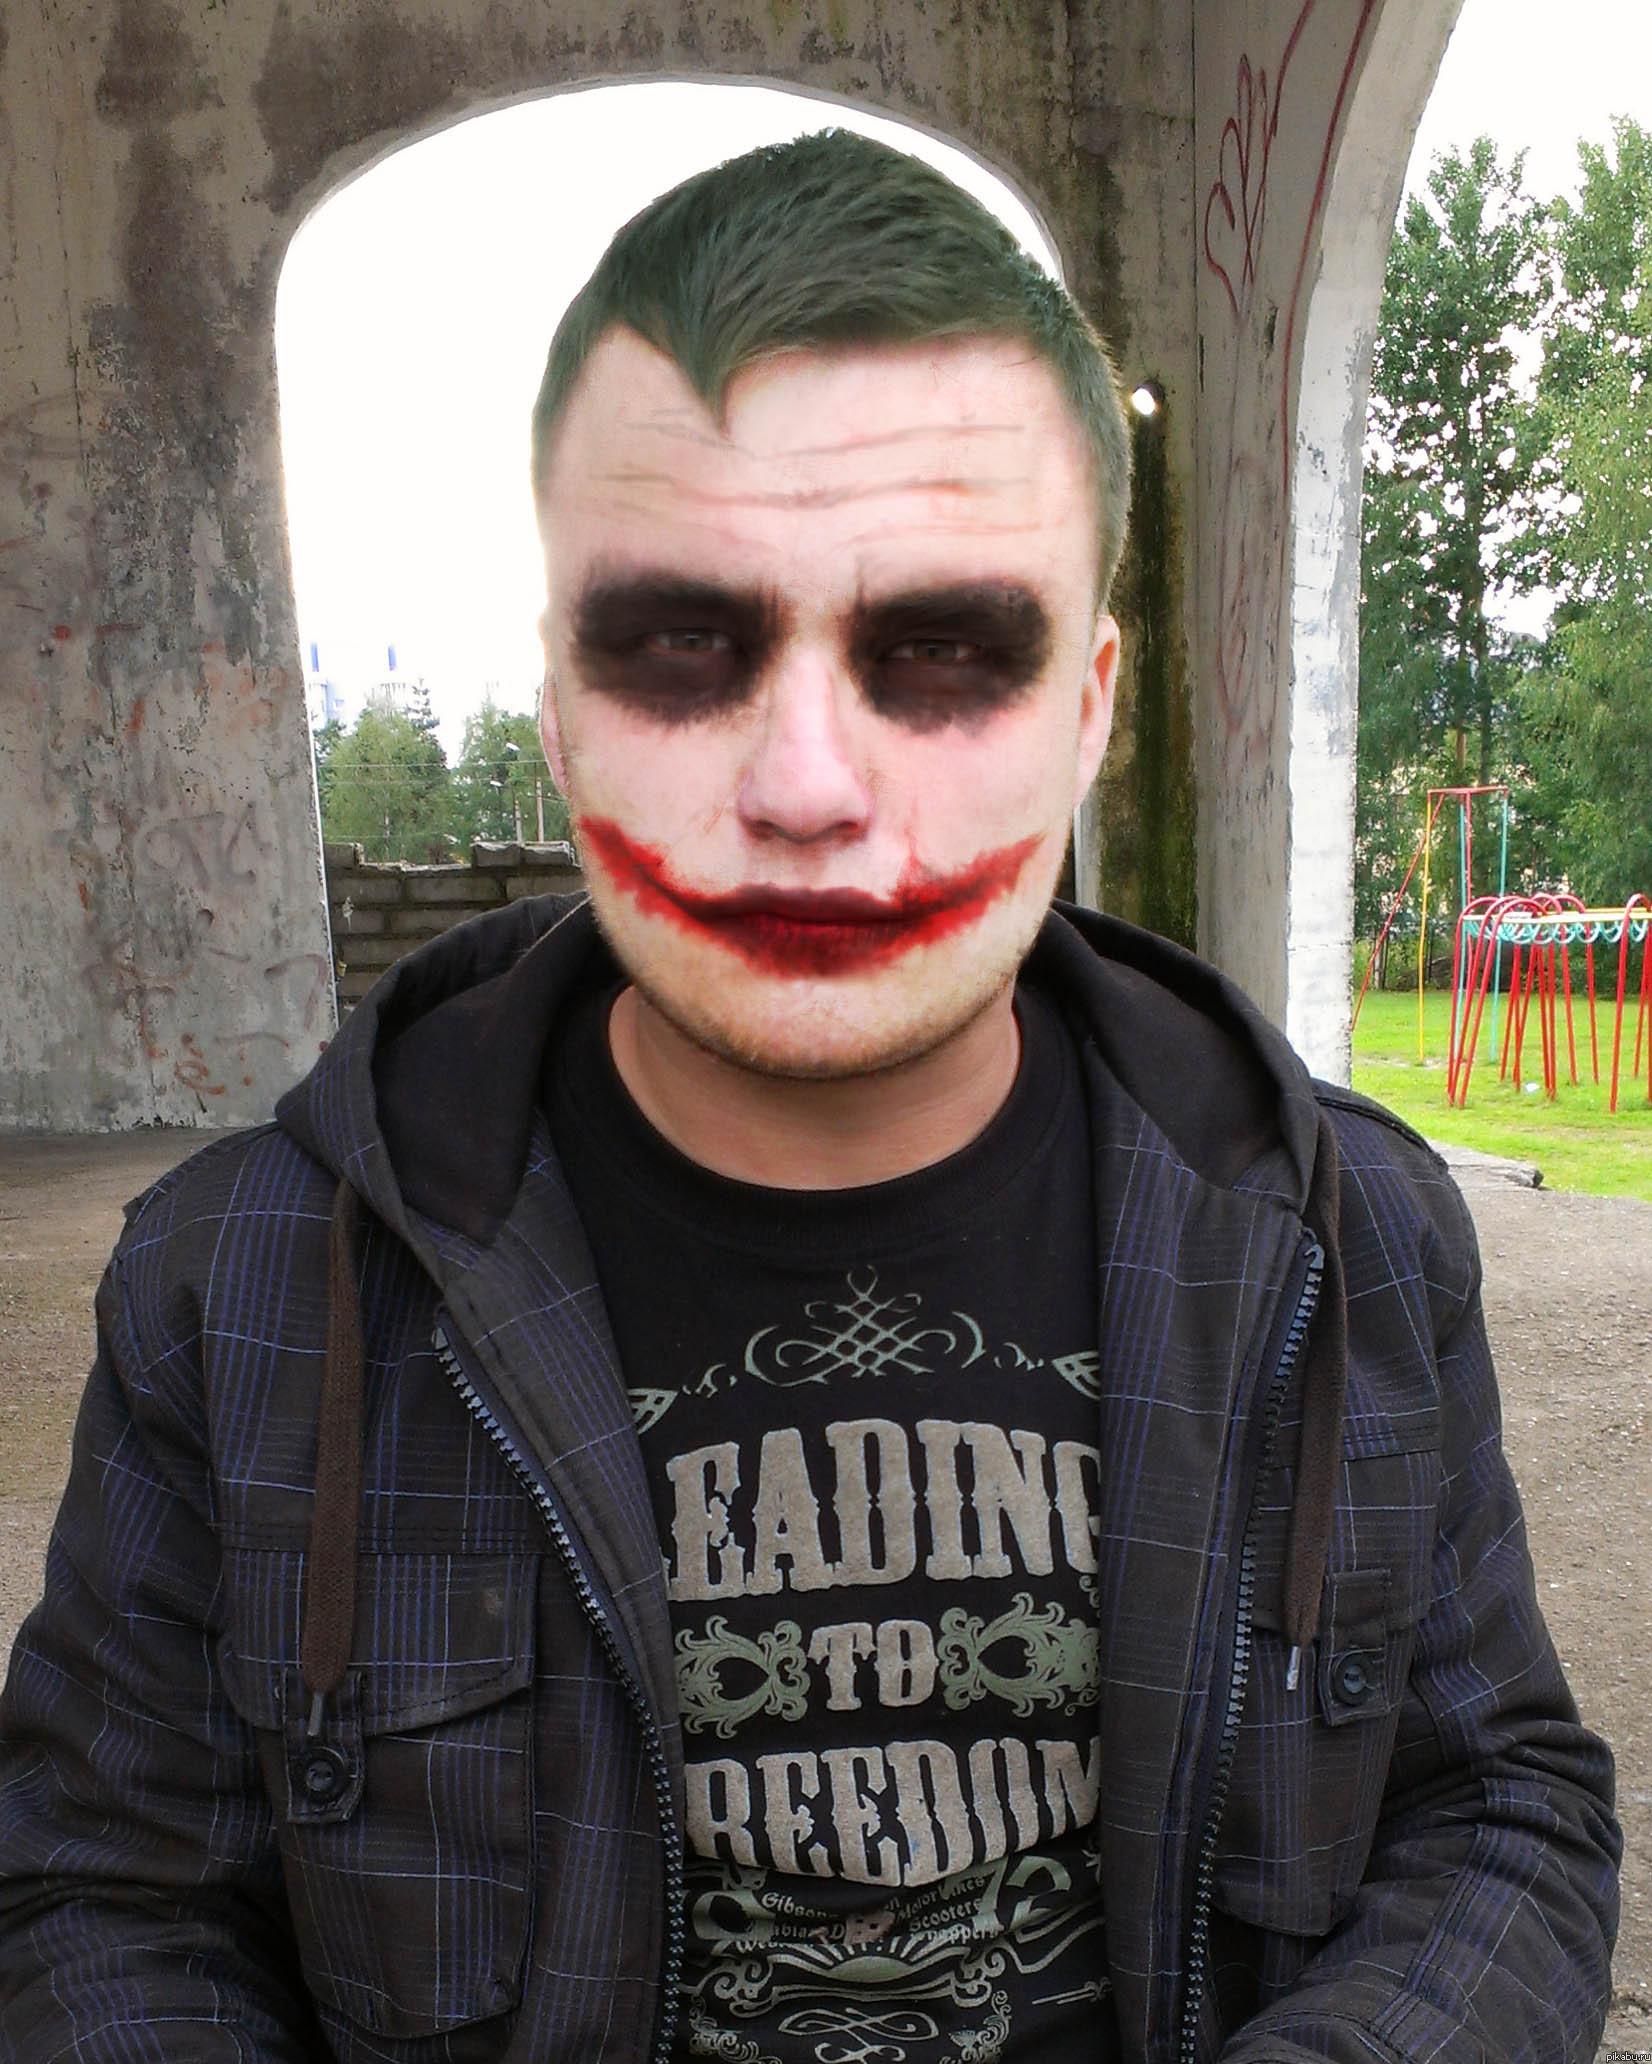 Друг попросил сделать ему грим Джокера в фотошопе.